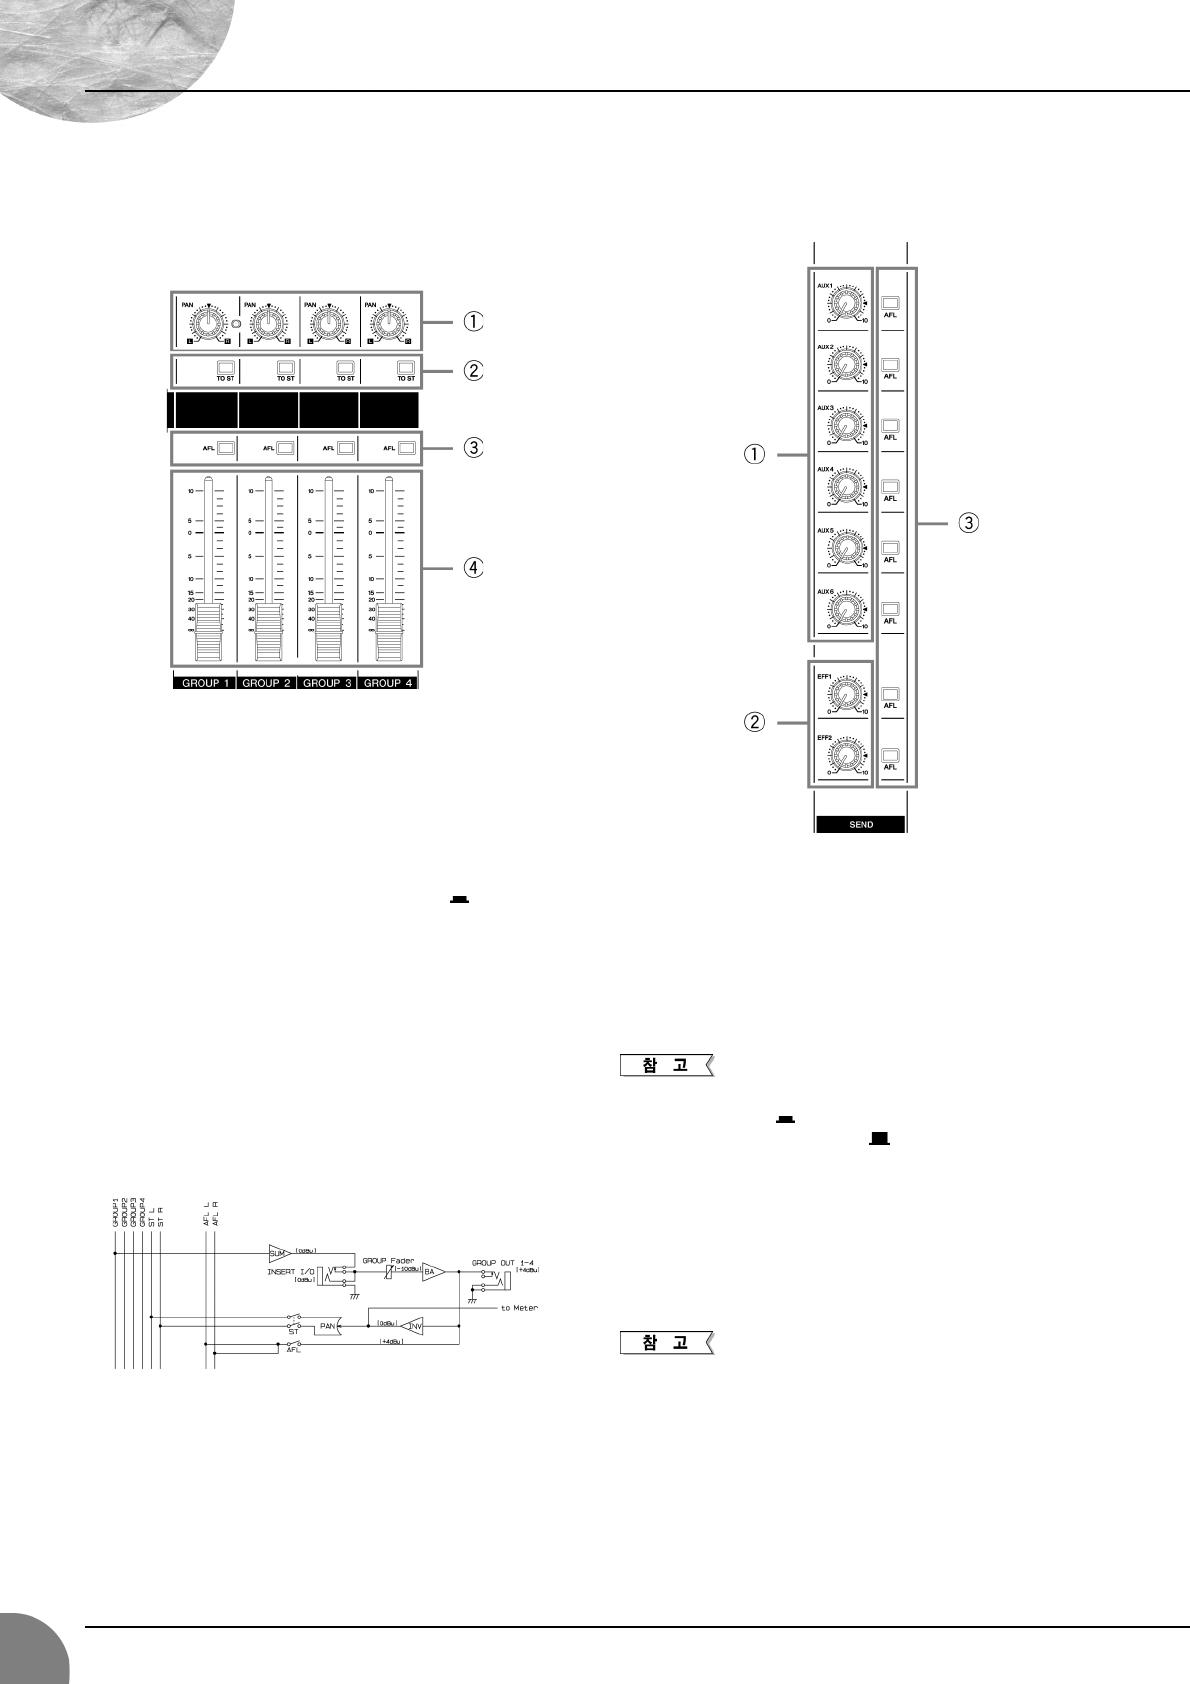 Yamaha MG32 14FX_E 0830 MG24/14FX / MG32/14FX Manual Mg24